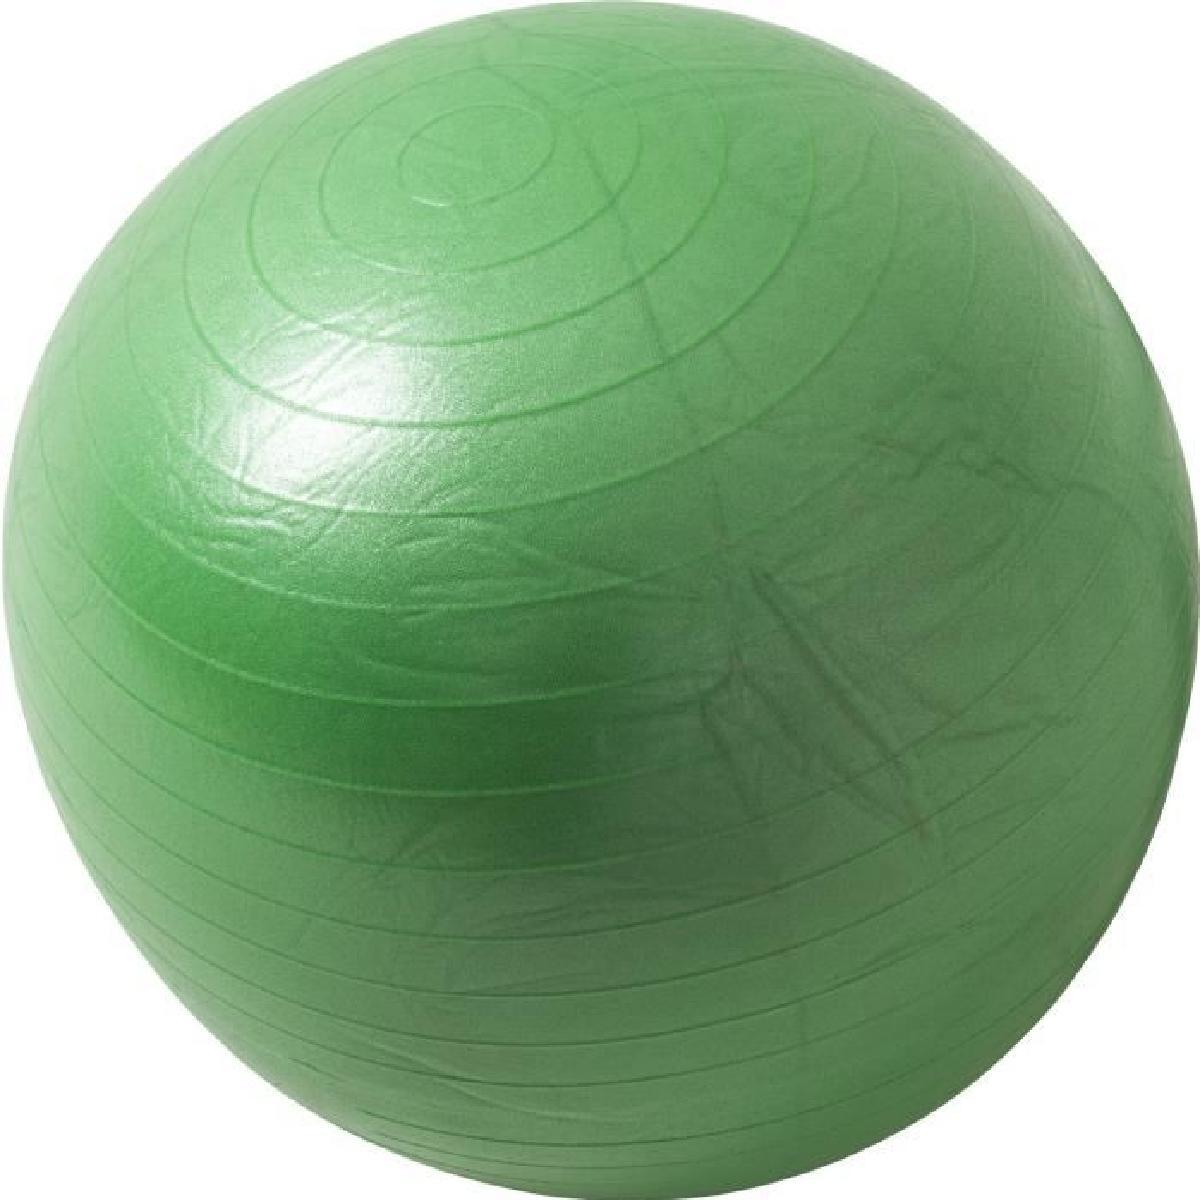 ballon-gym-nicoach-metz-coach-sportif-domicile